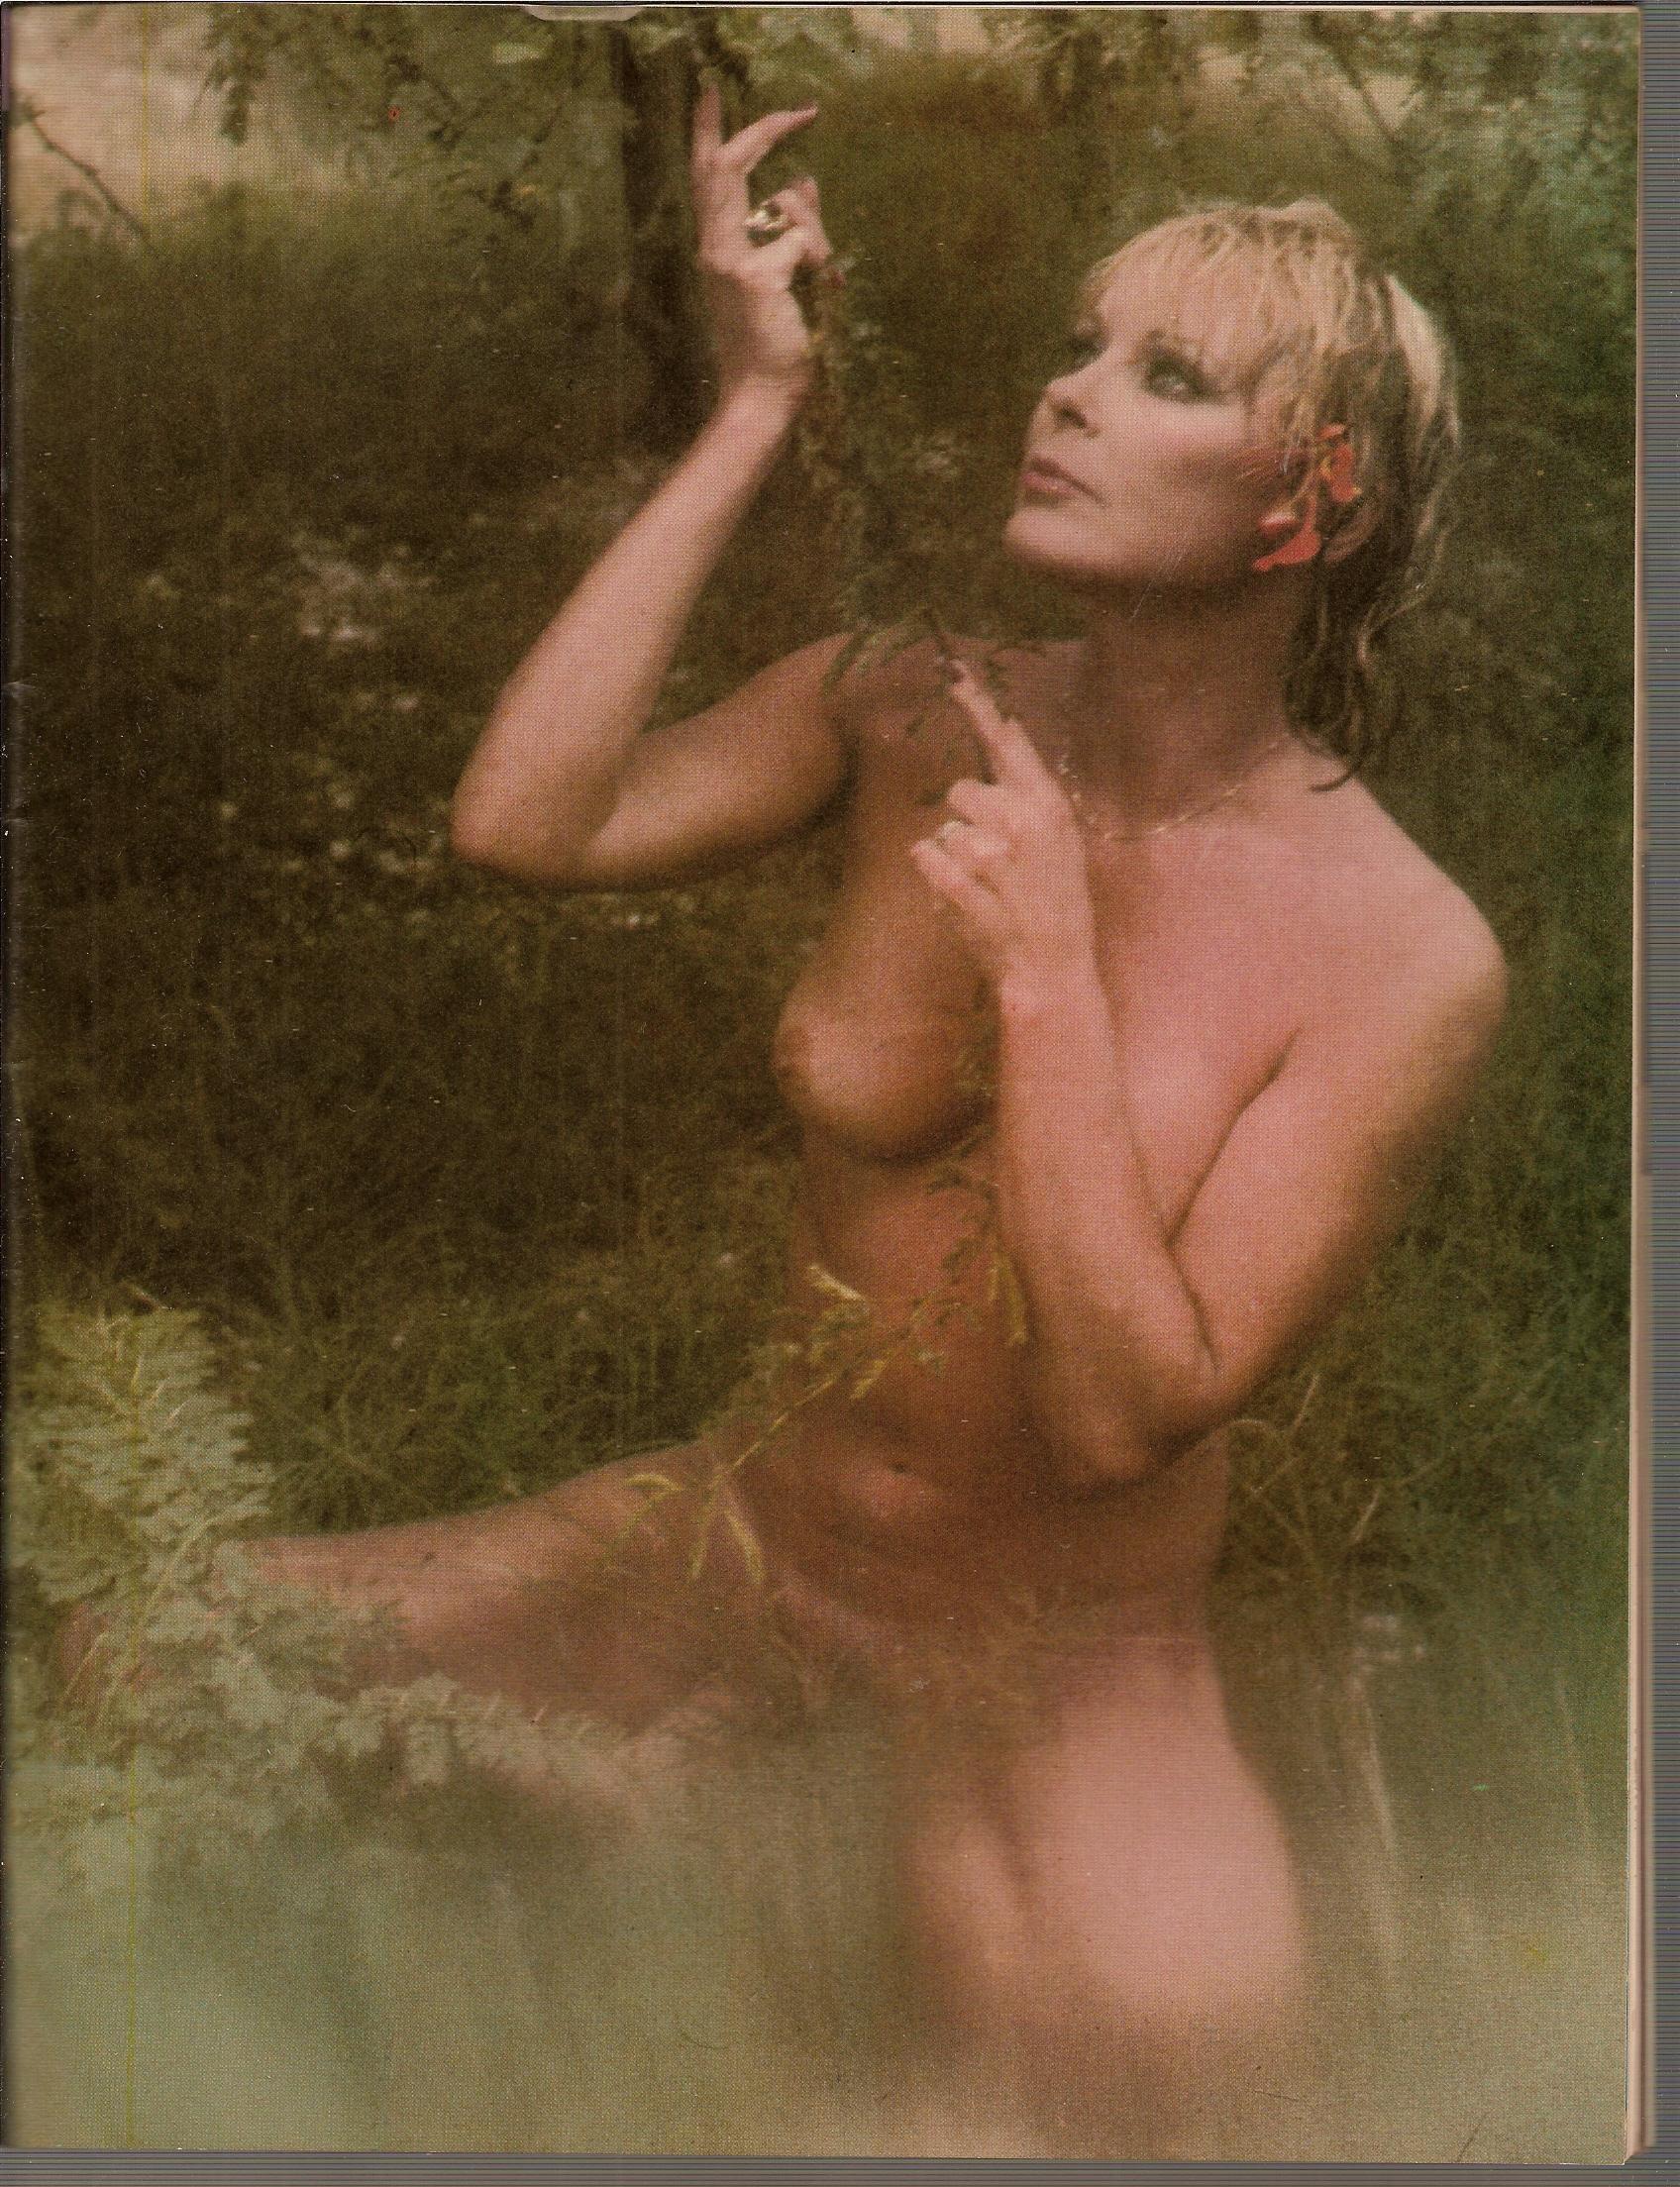 Elke Sommer Nude Images Sex Tape